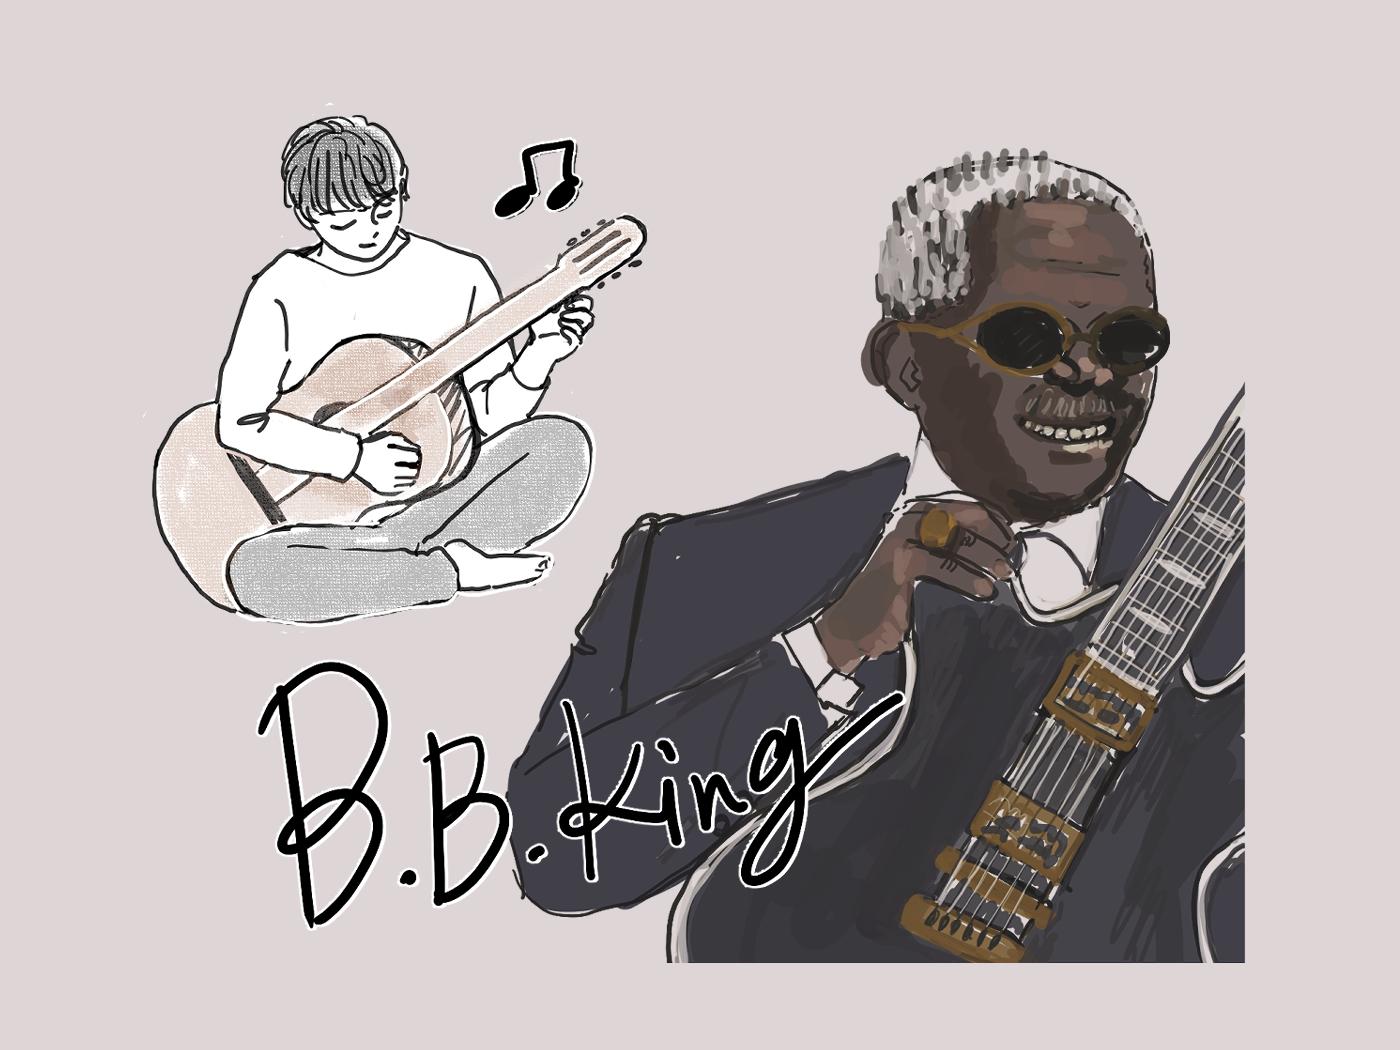 家でひっそりとB.B.キングのフレーズを練習するイラスト